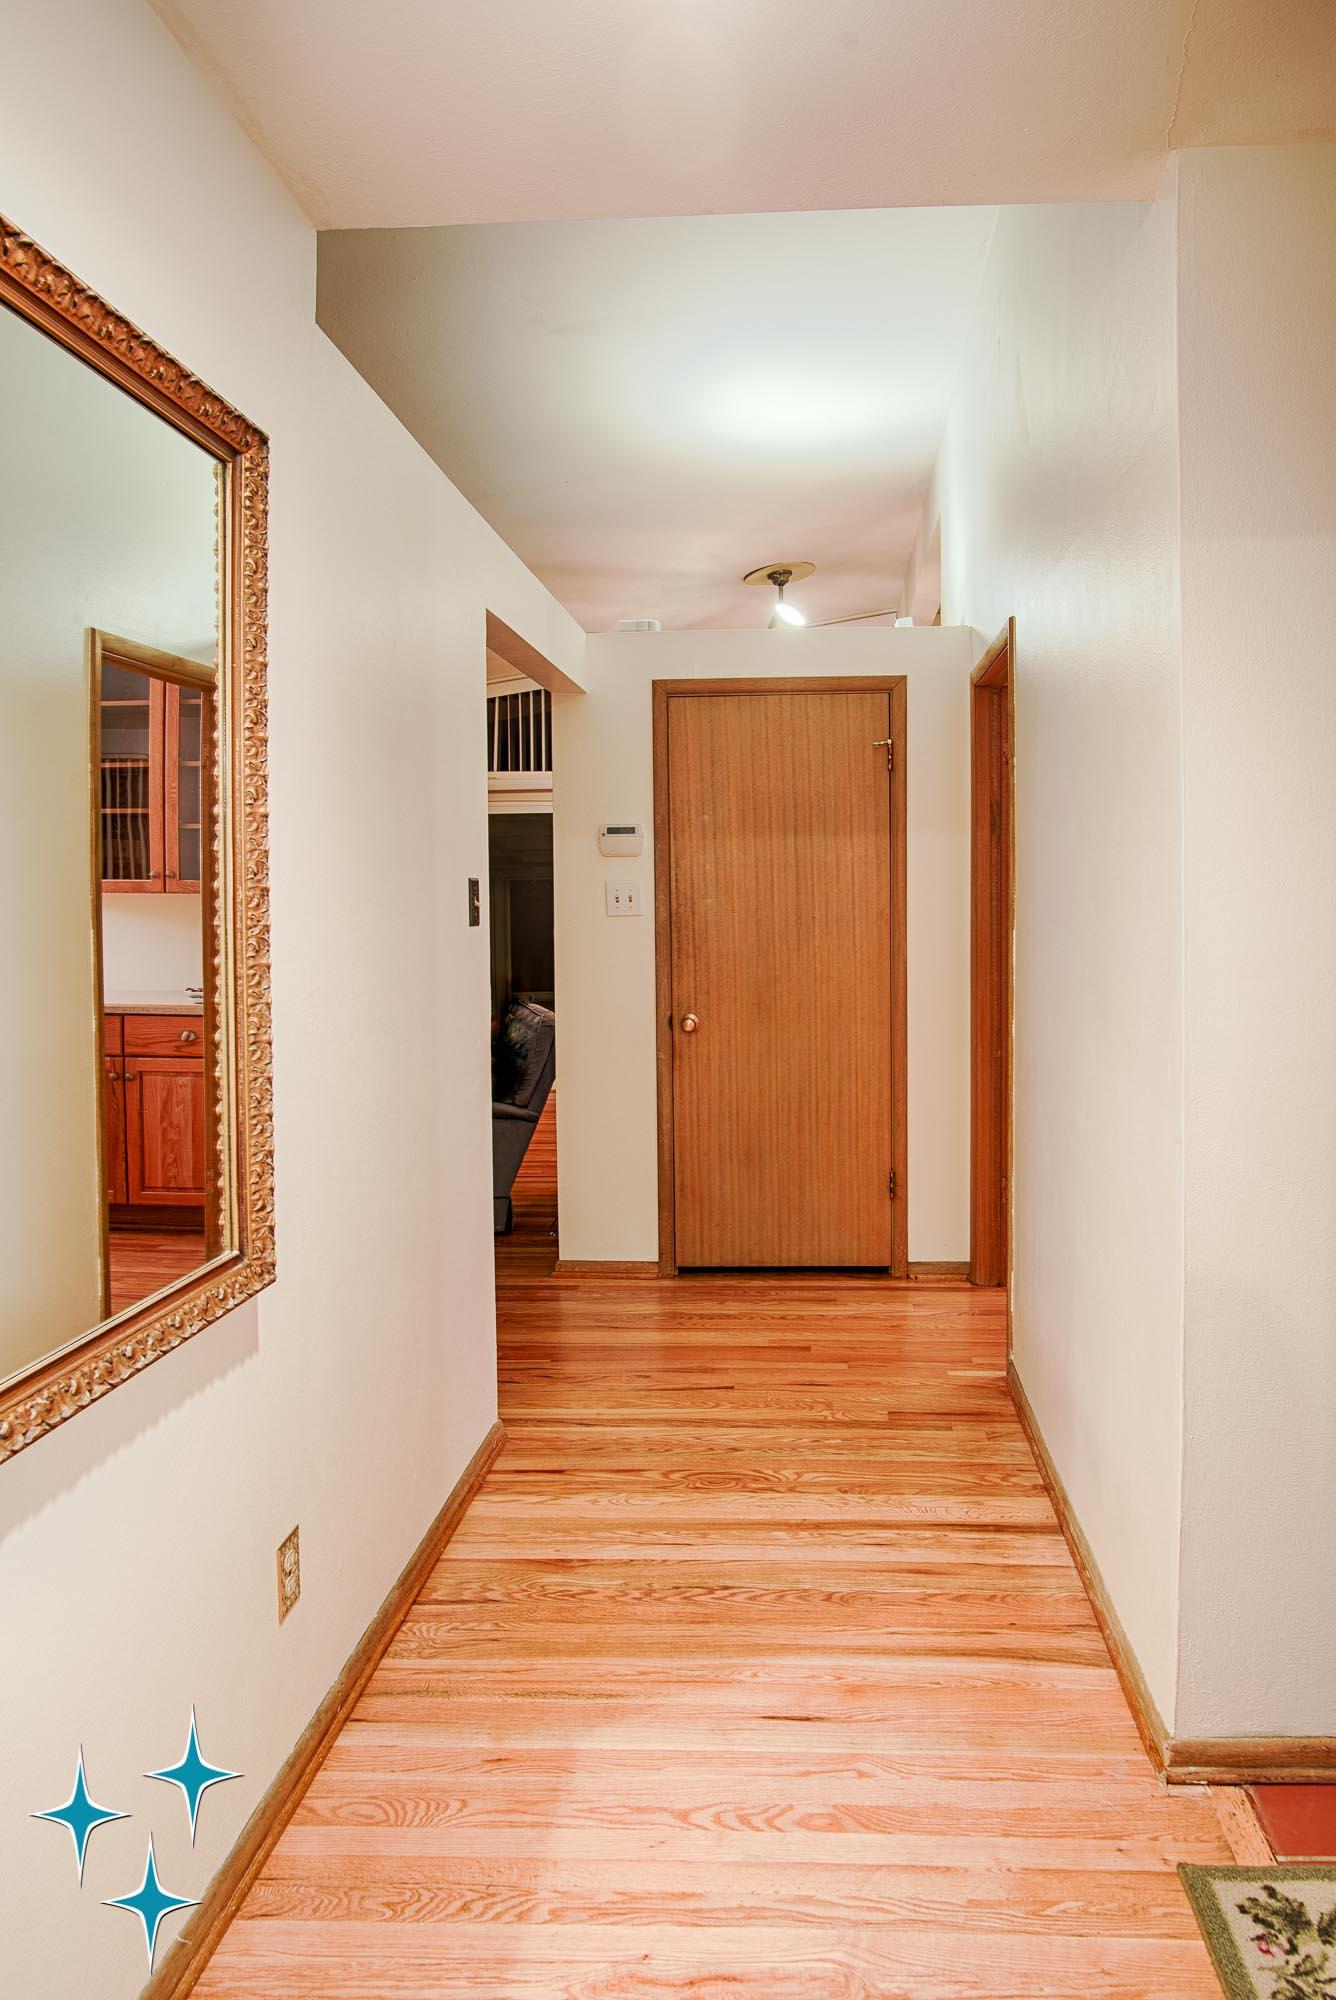 Adrian-Kinney-4155-W-Iliff-Avenue-Denver-r-Carey-Holiday-Home-2000w50-3SWM-19.jpg